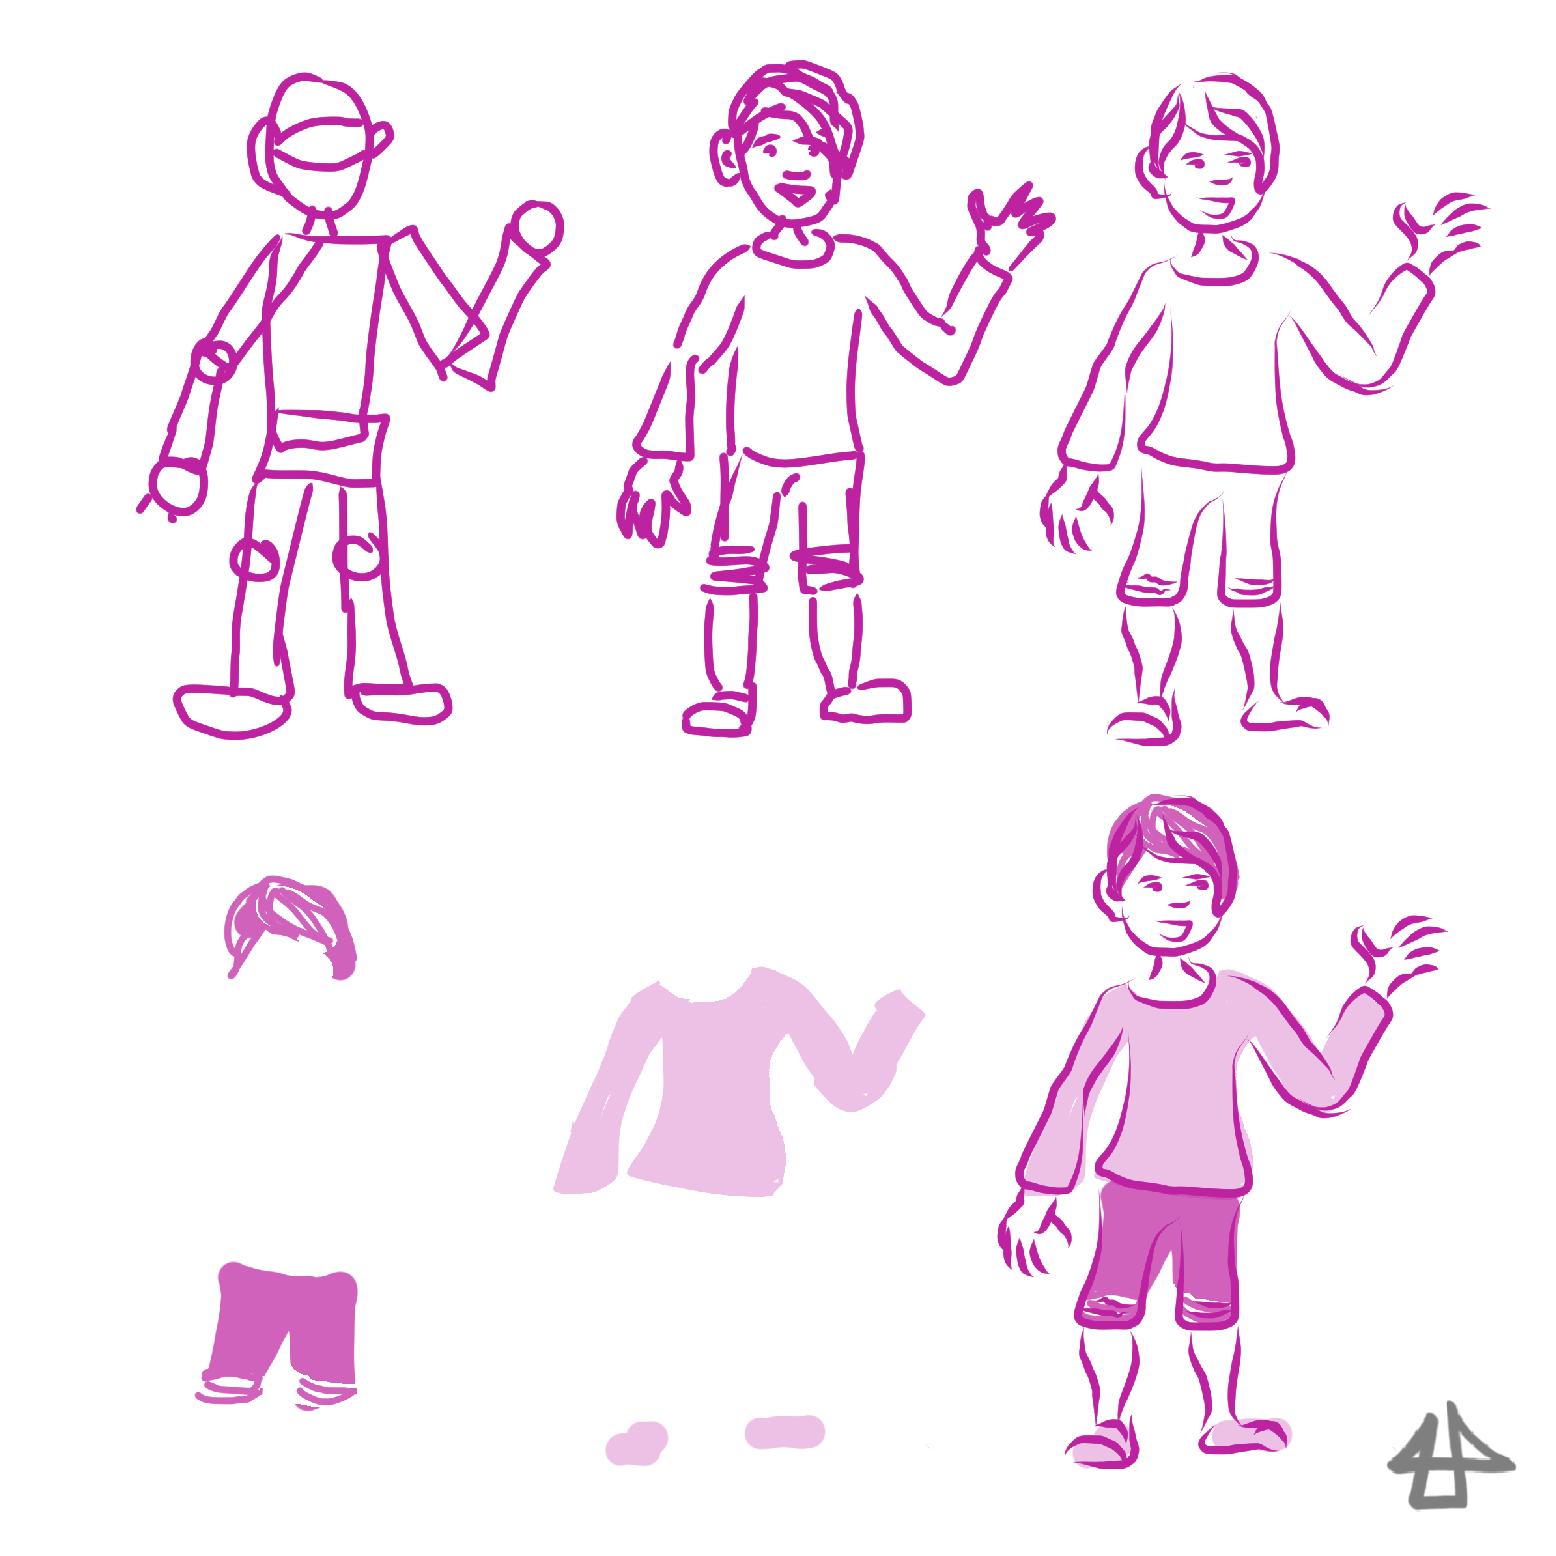 Digitale Zeichnung einer Person in pink, erst grob dann immer detailierter.